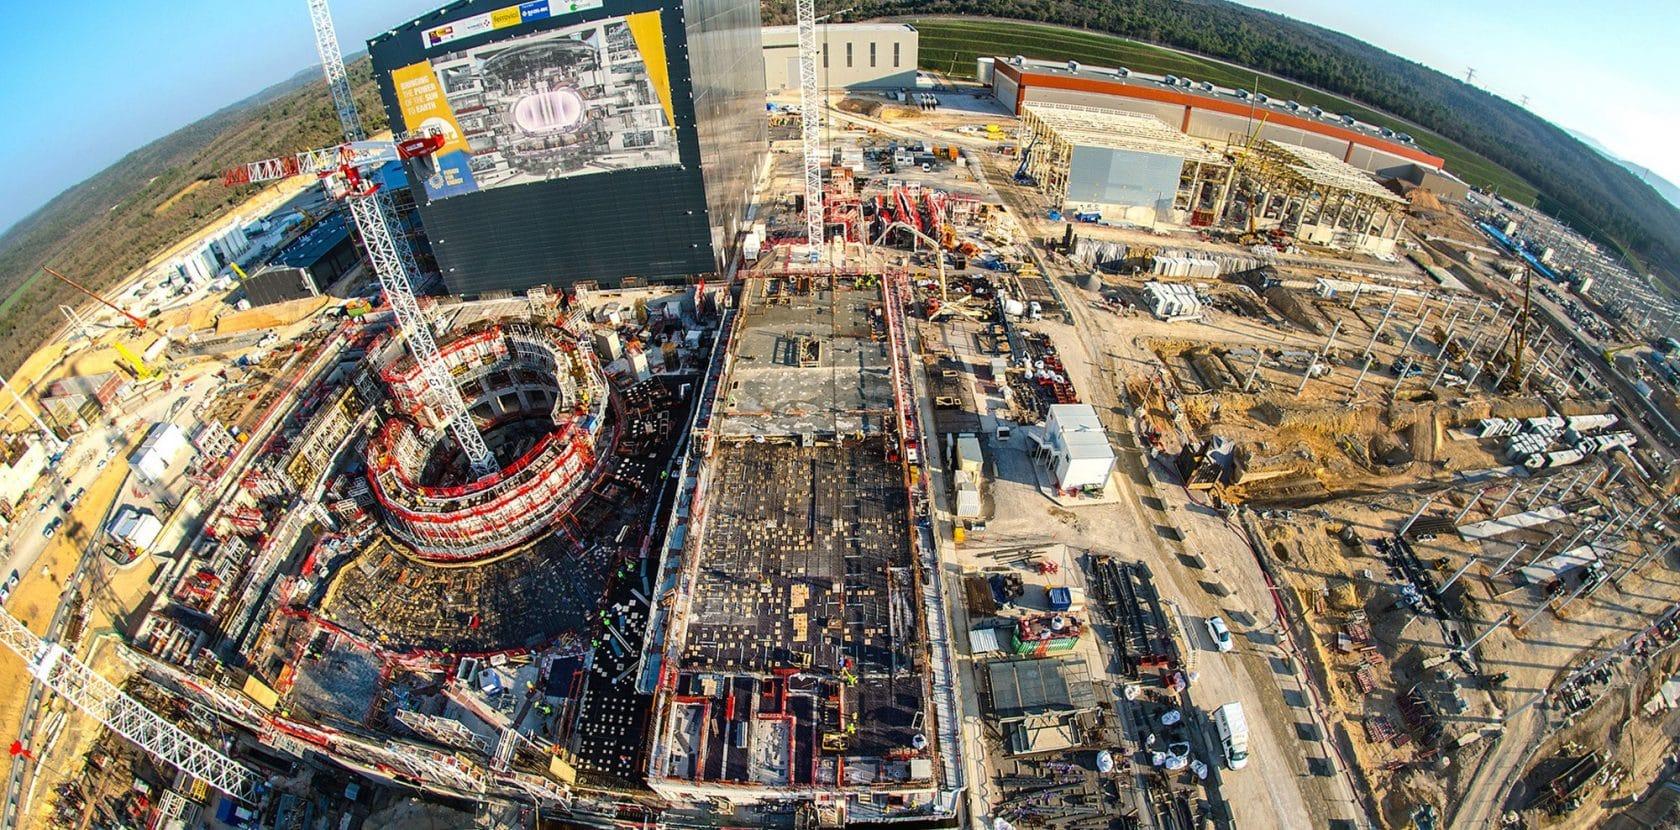 Le chantier de l'ITER © ITER